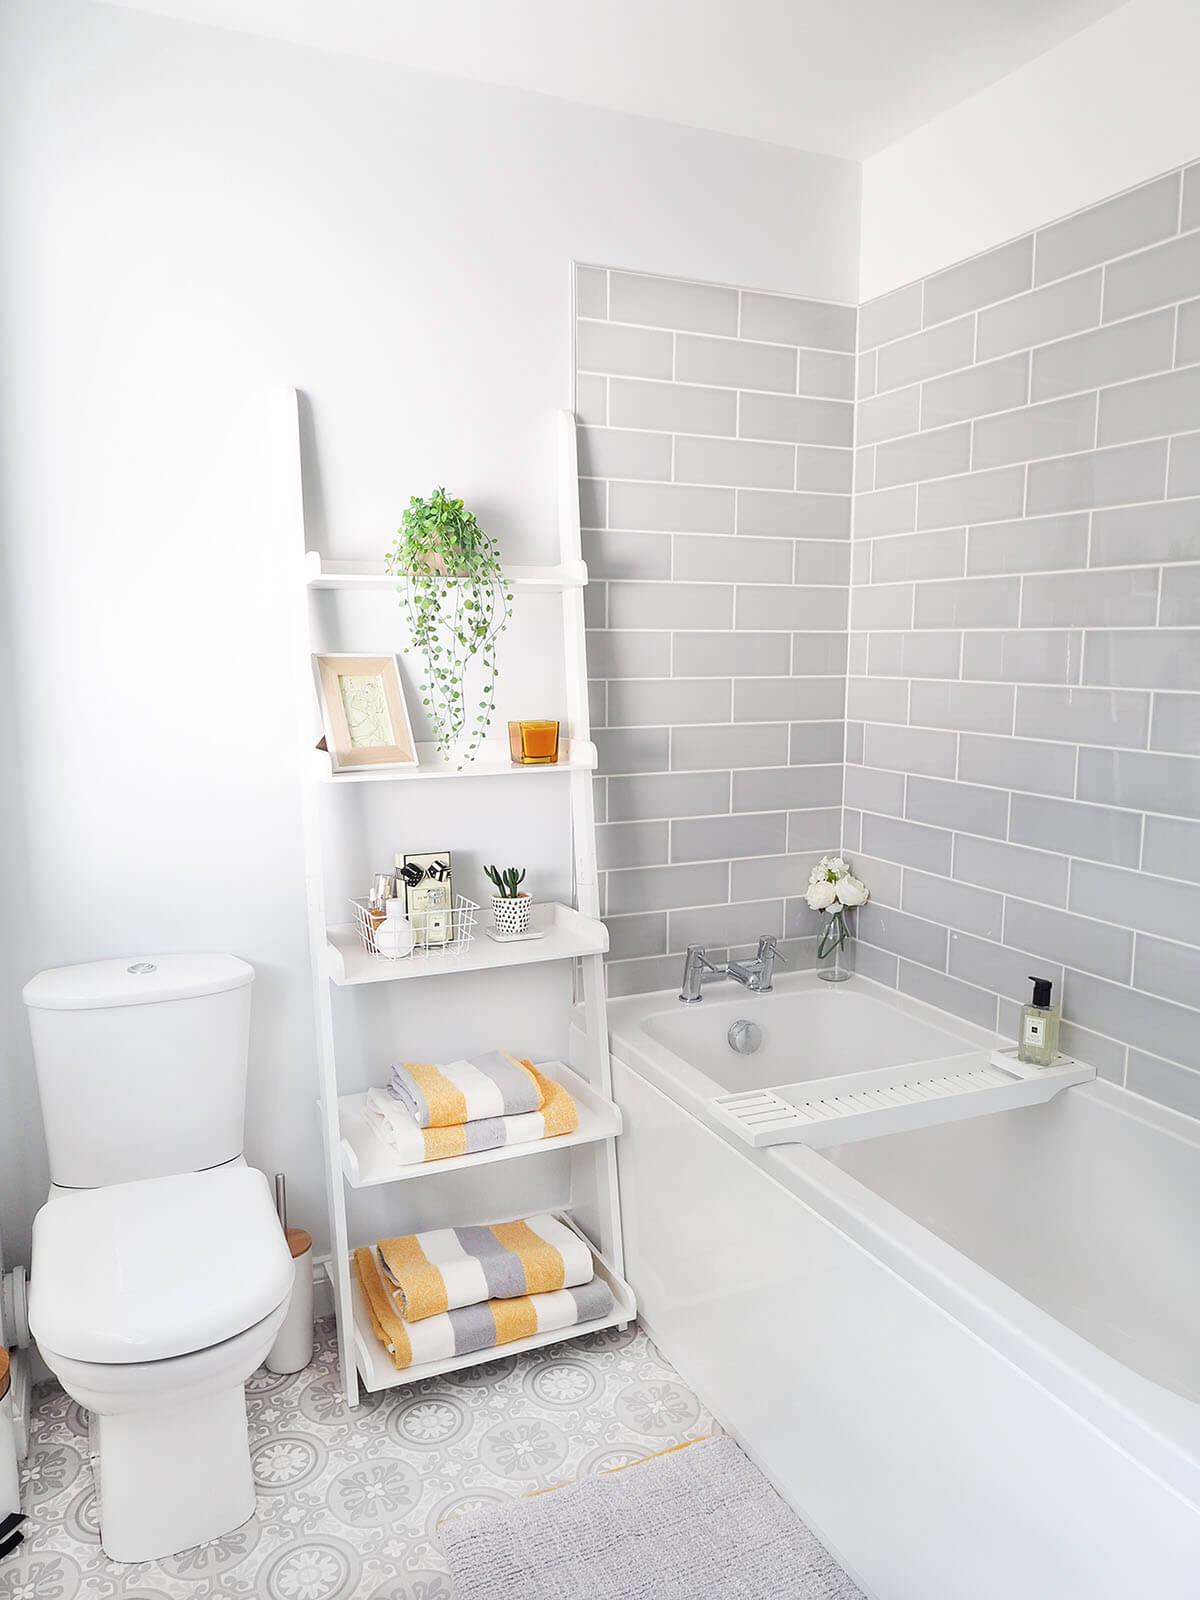 Wide Flat Shelving Between Bathroom Fixtures